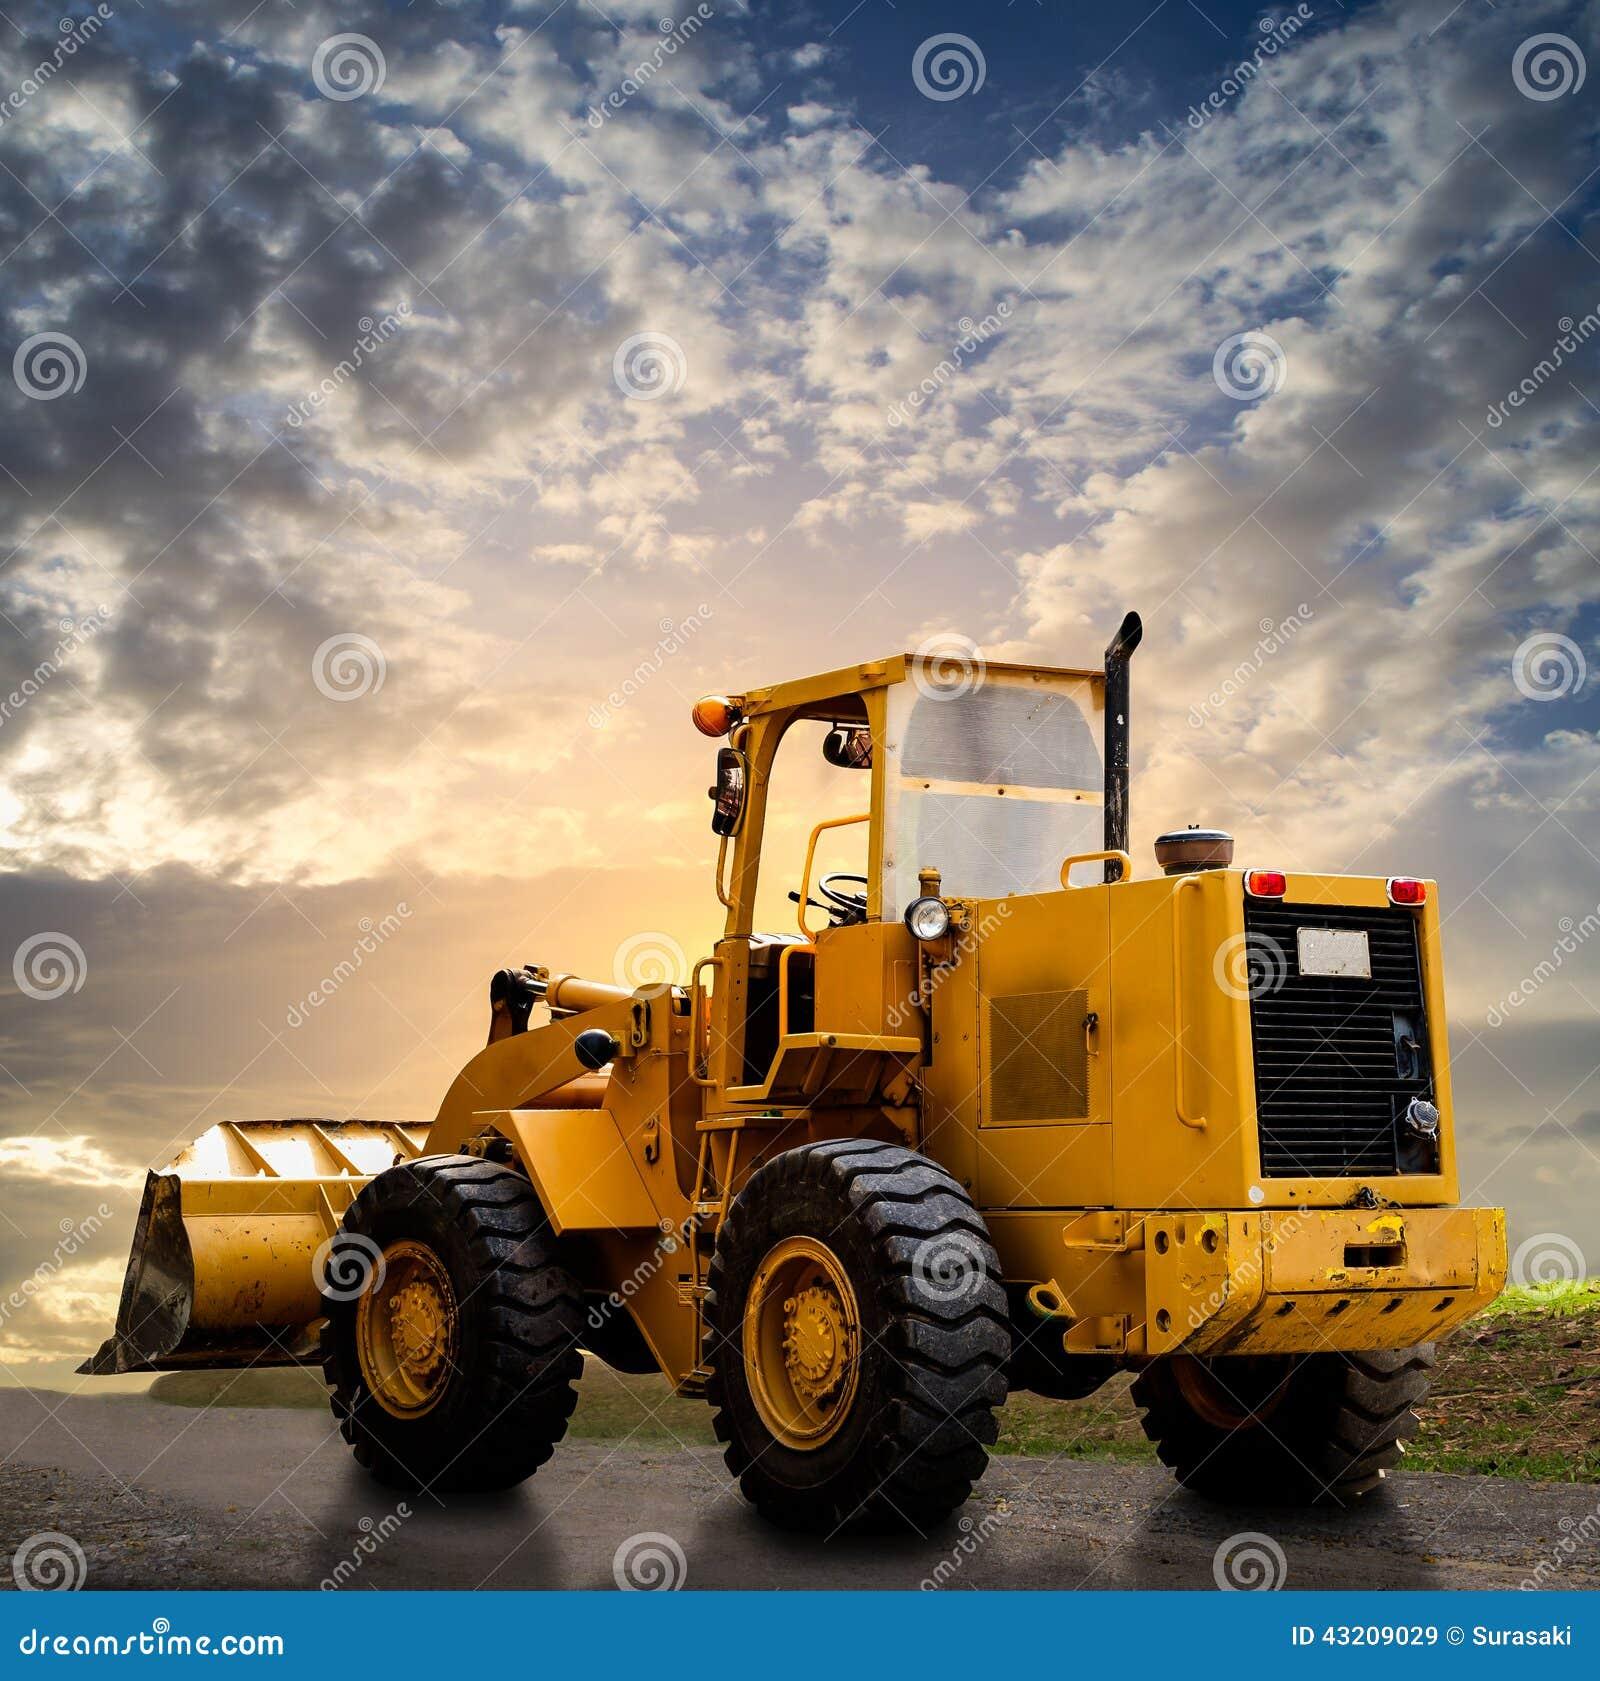 Download Gul traktor på vägen fotografering för bildbyråer. Bild av smuts - 43209029